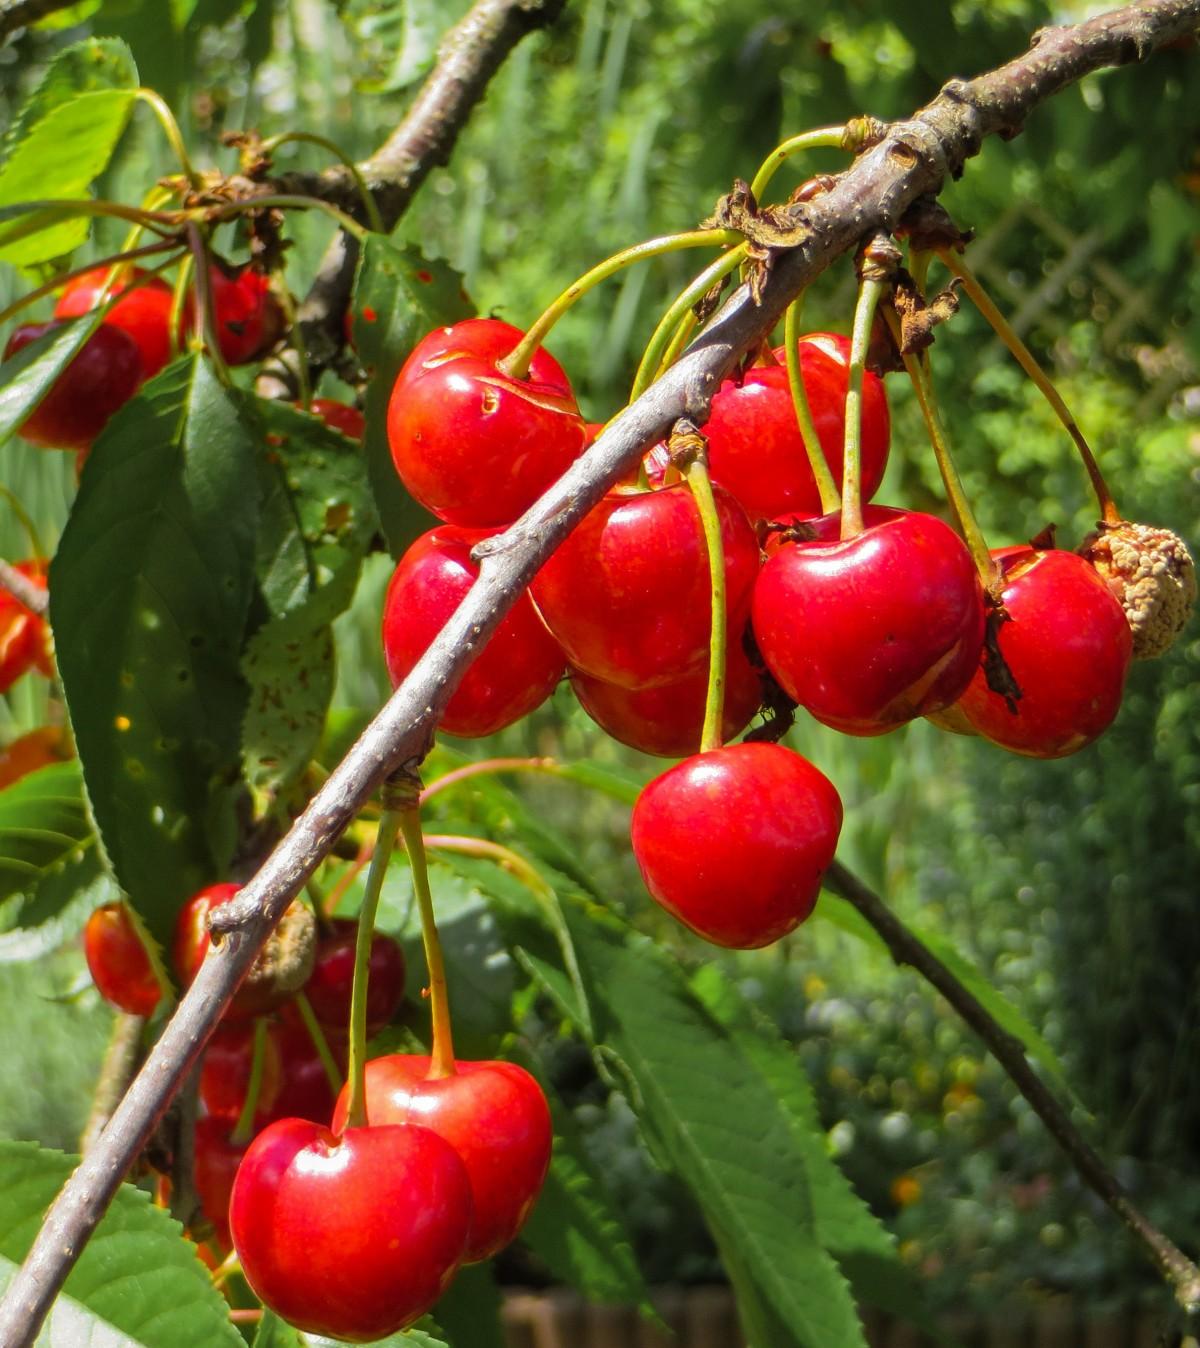 kostenlose foto ast frucht blume sommer lebensmittel rot produzieren strauch bing. Black Bedroom Furniture Sets. Home Design Ideas